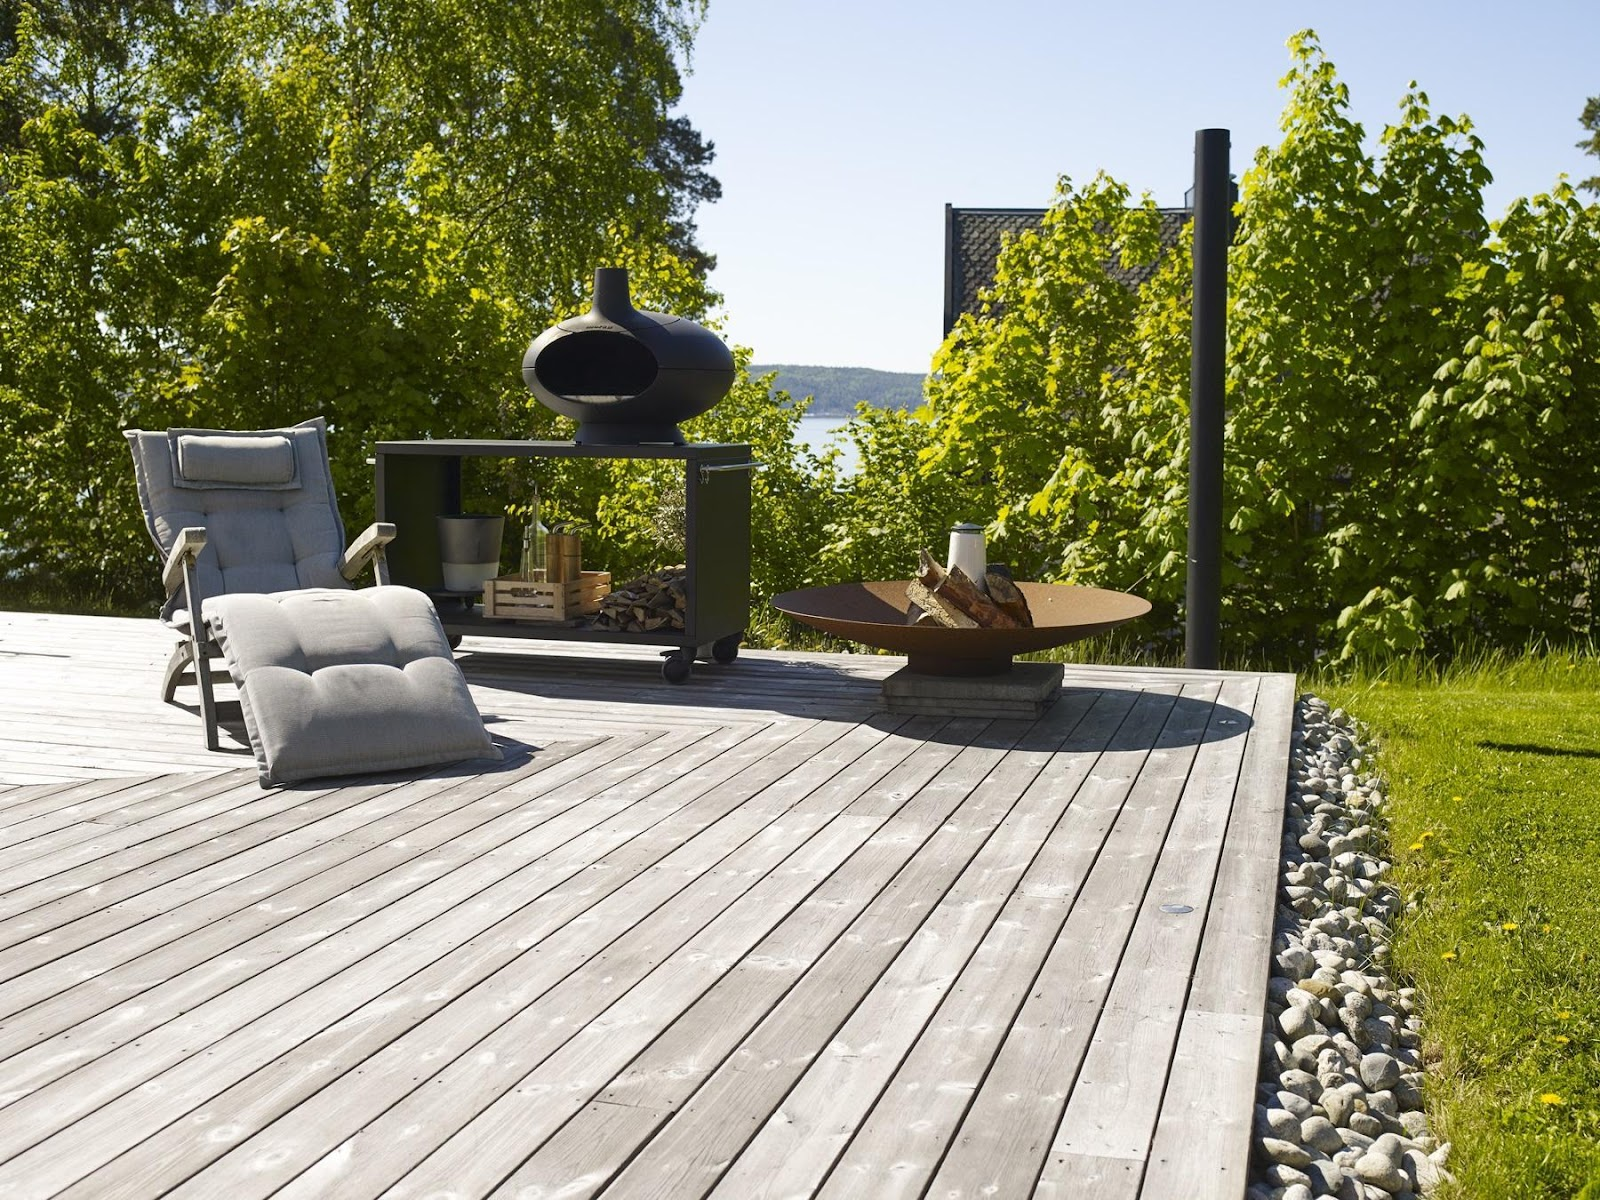 Kebony terrassebrædder giver en naturlig overgang fra hus til natur